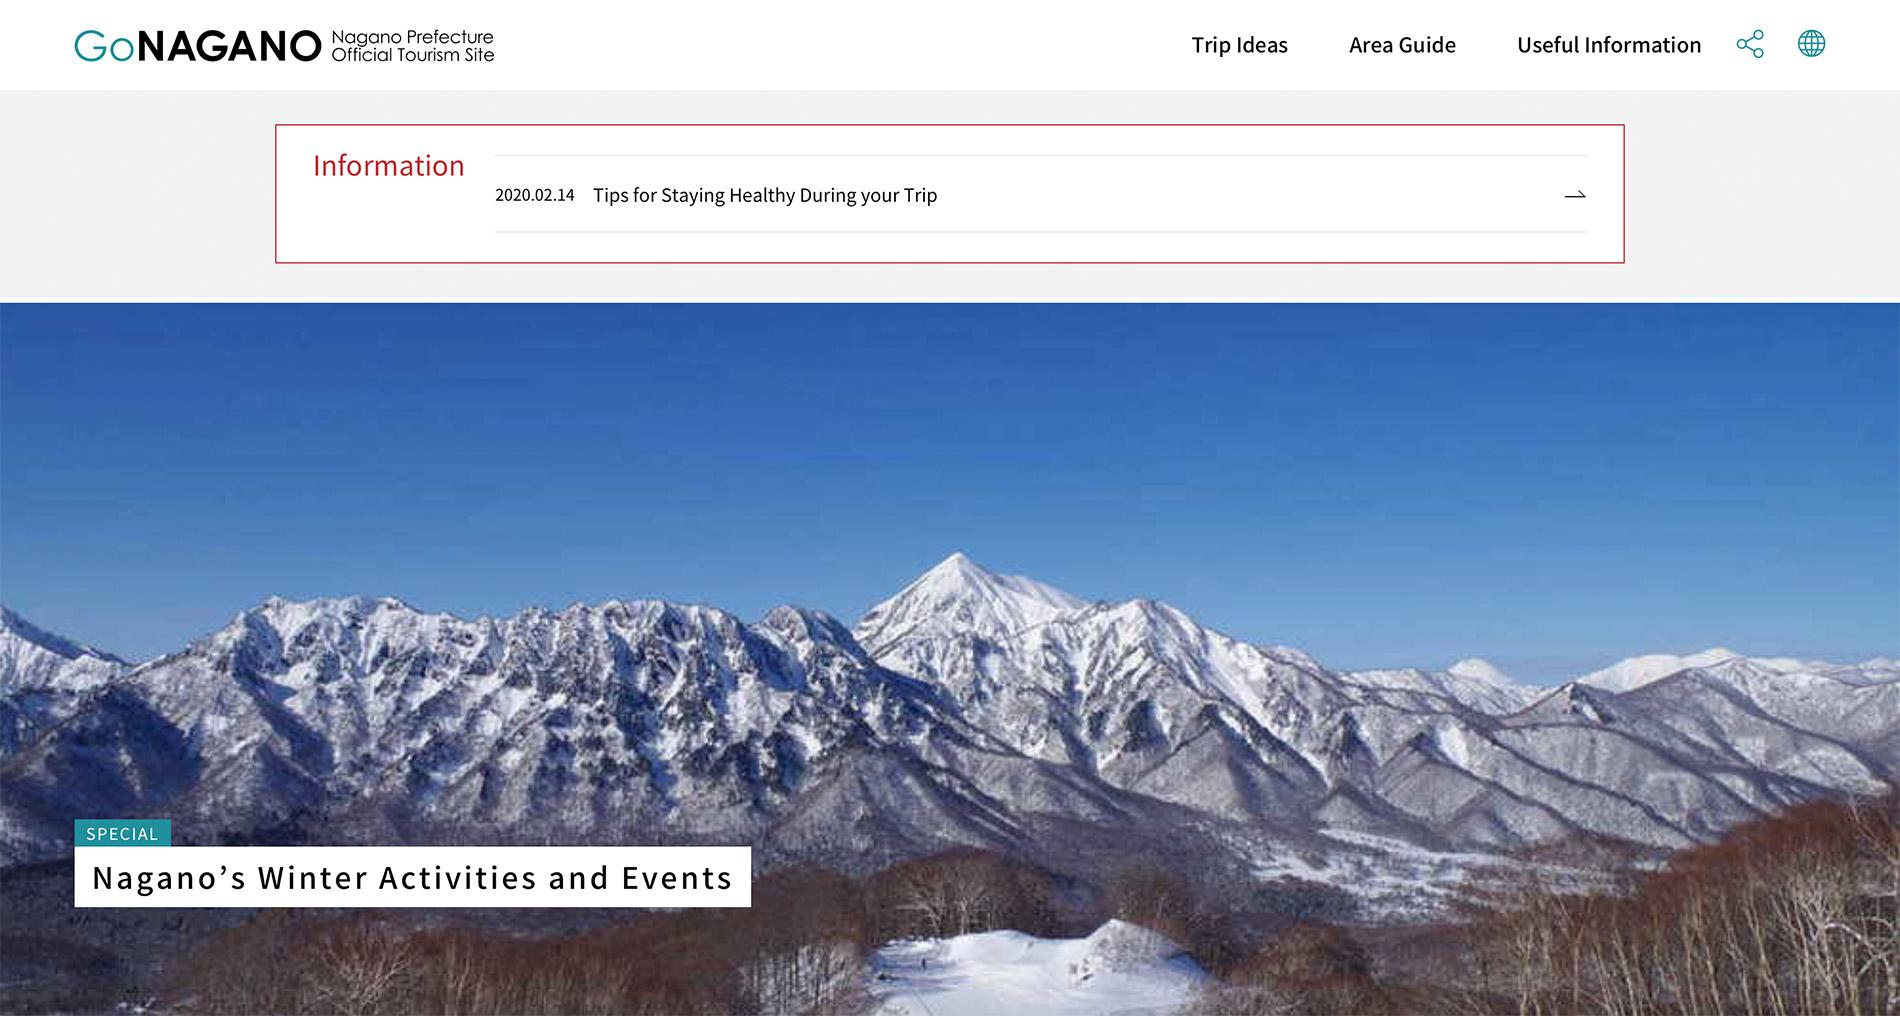 Die englische Webseite des Tourismusverbandes der Präfektur Nagano.